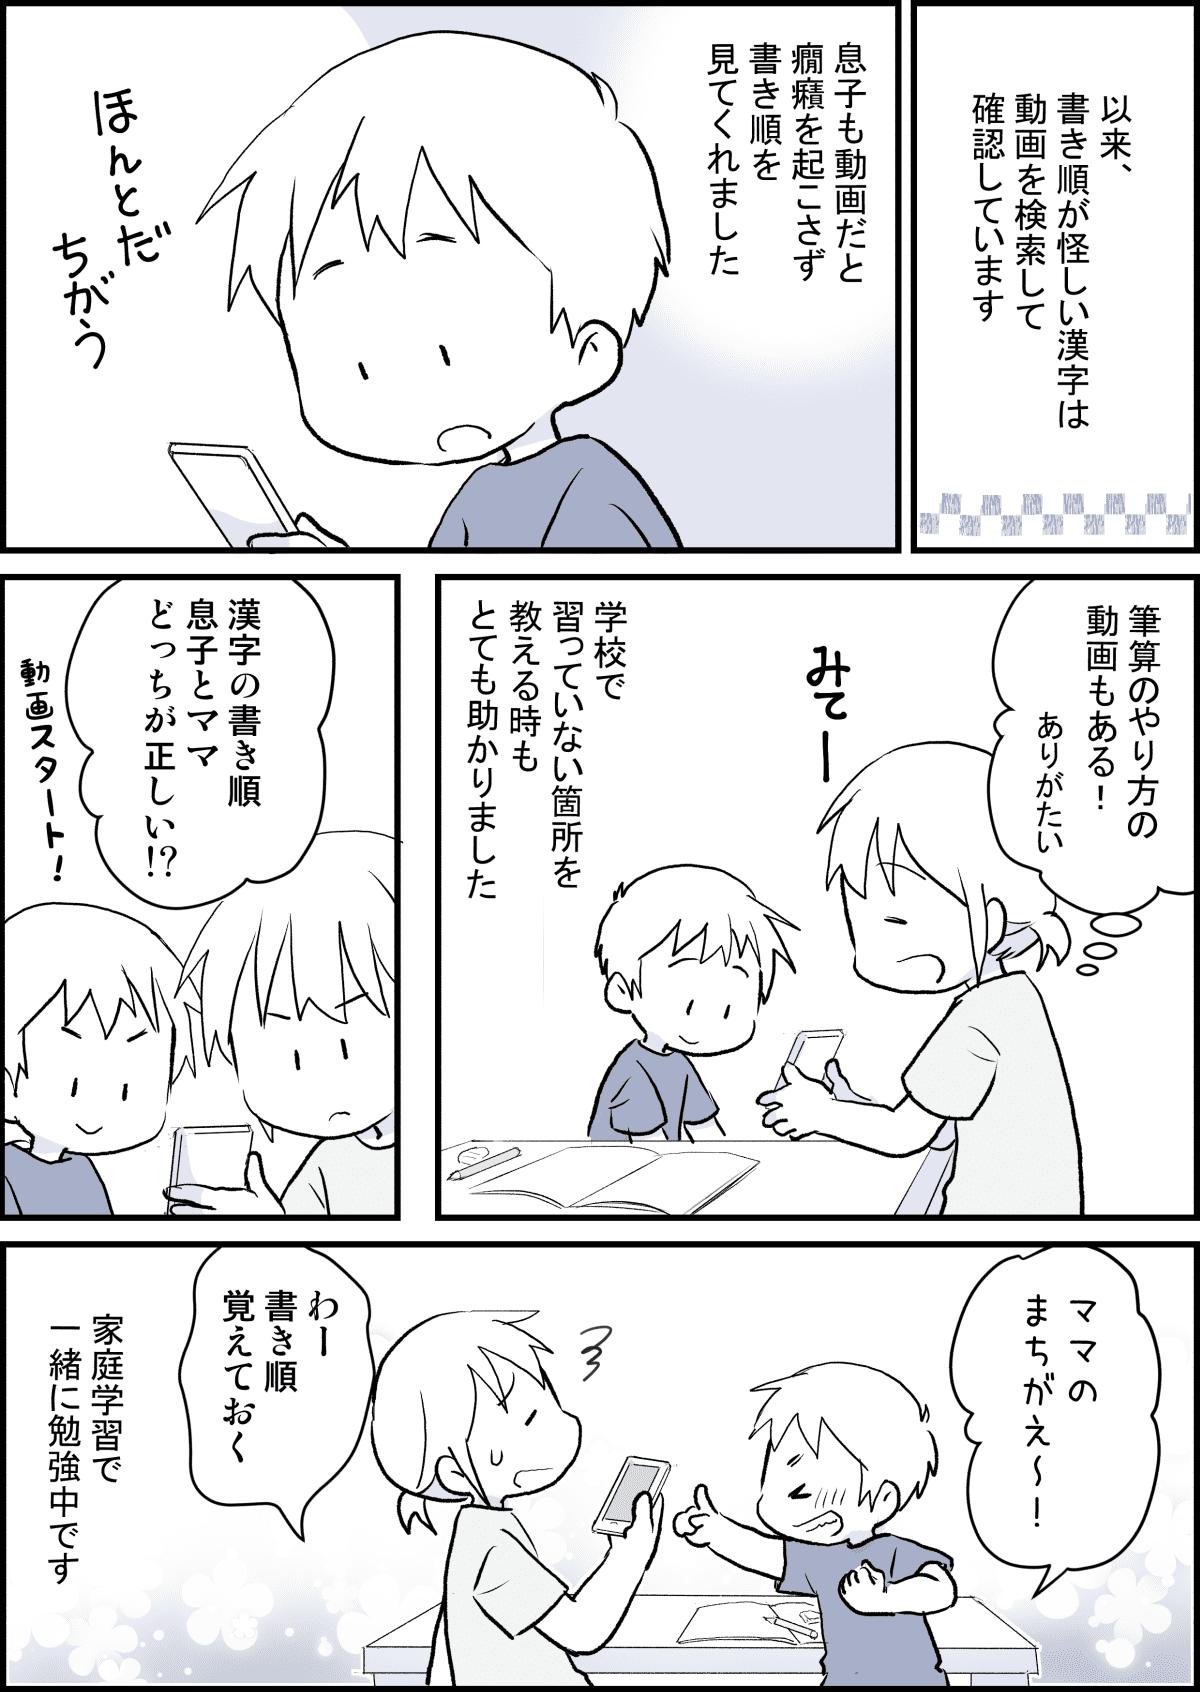 漢字の書き順3